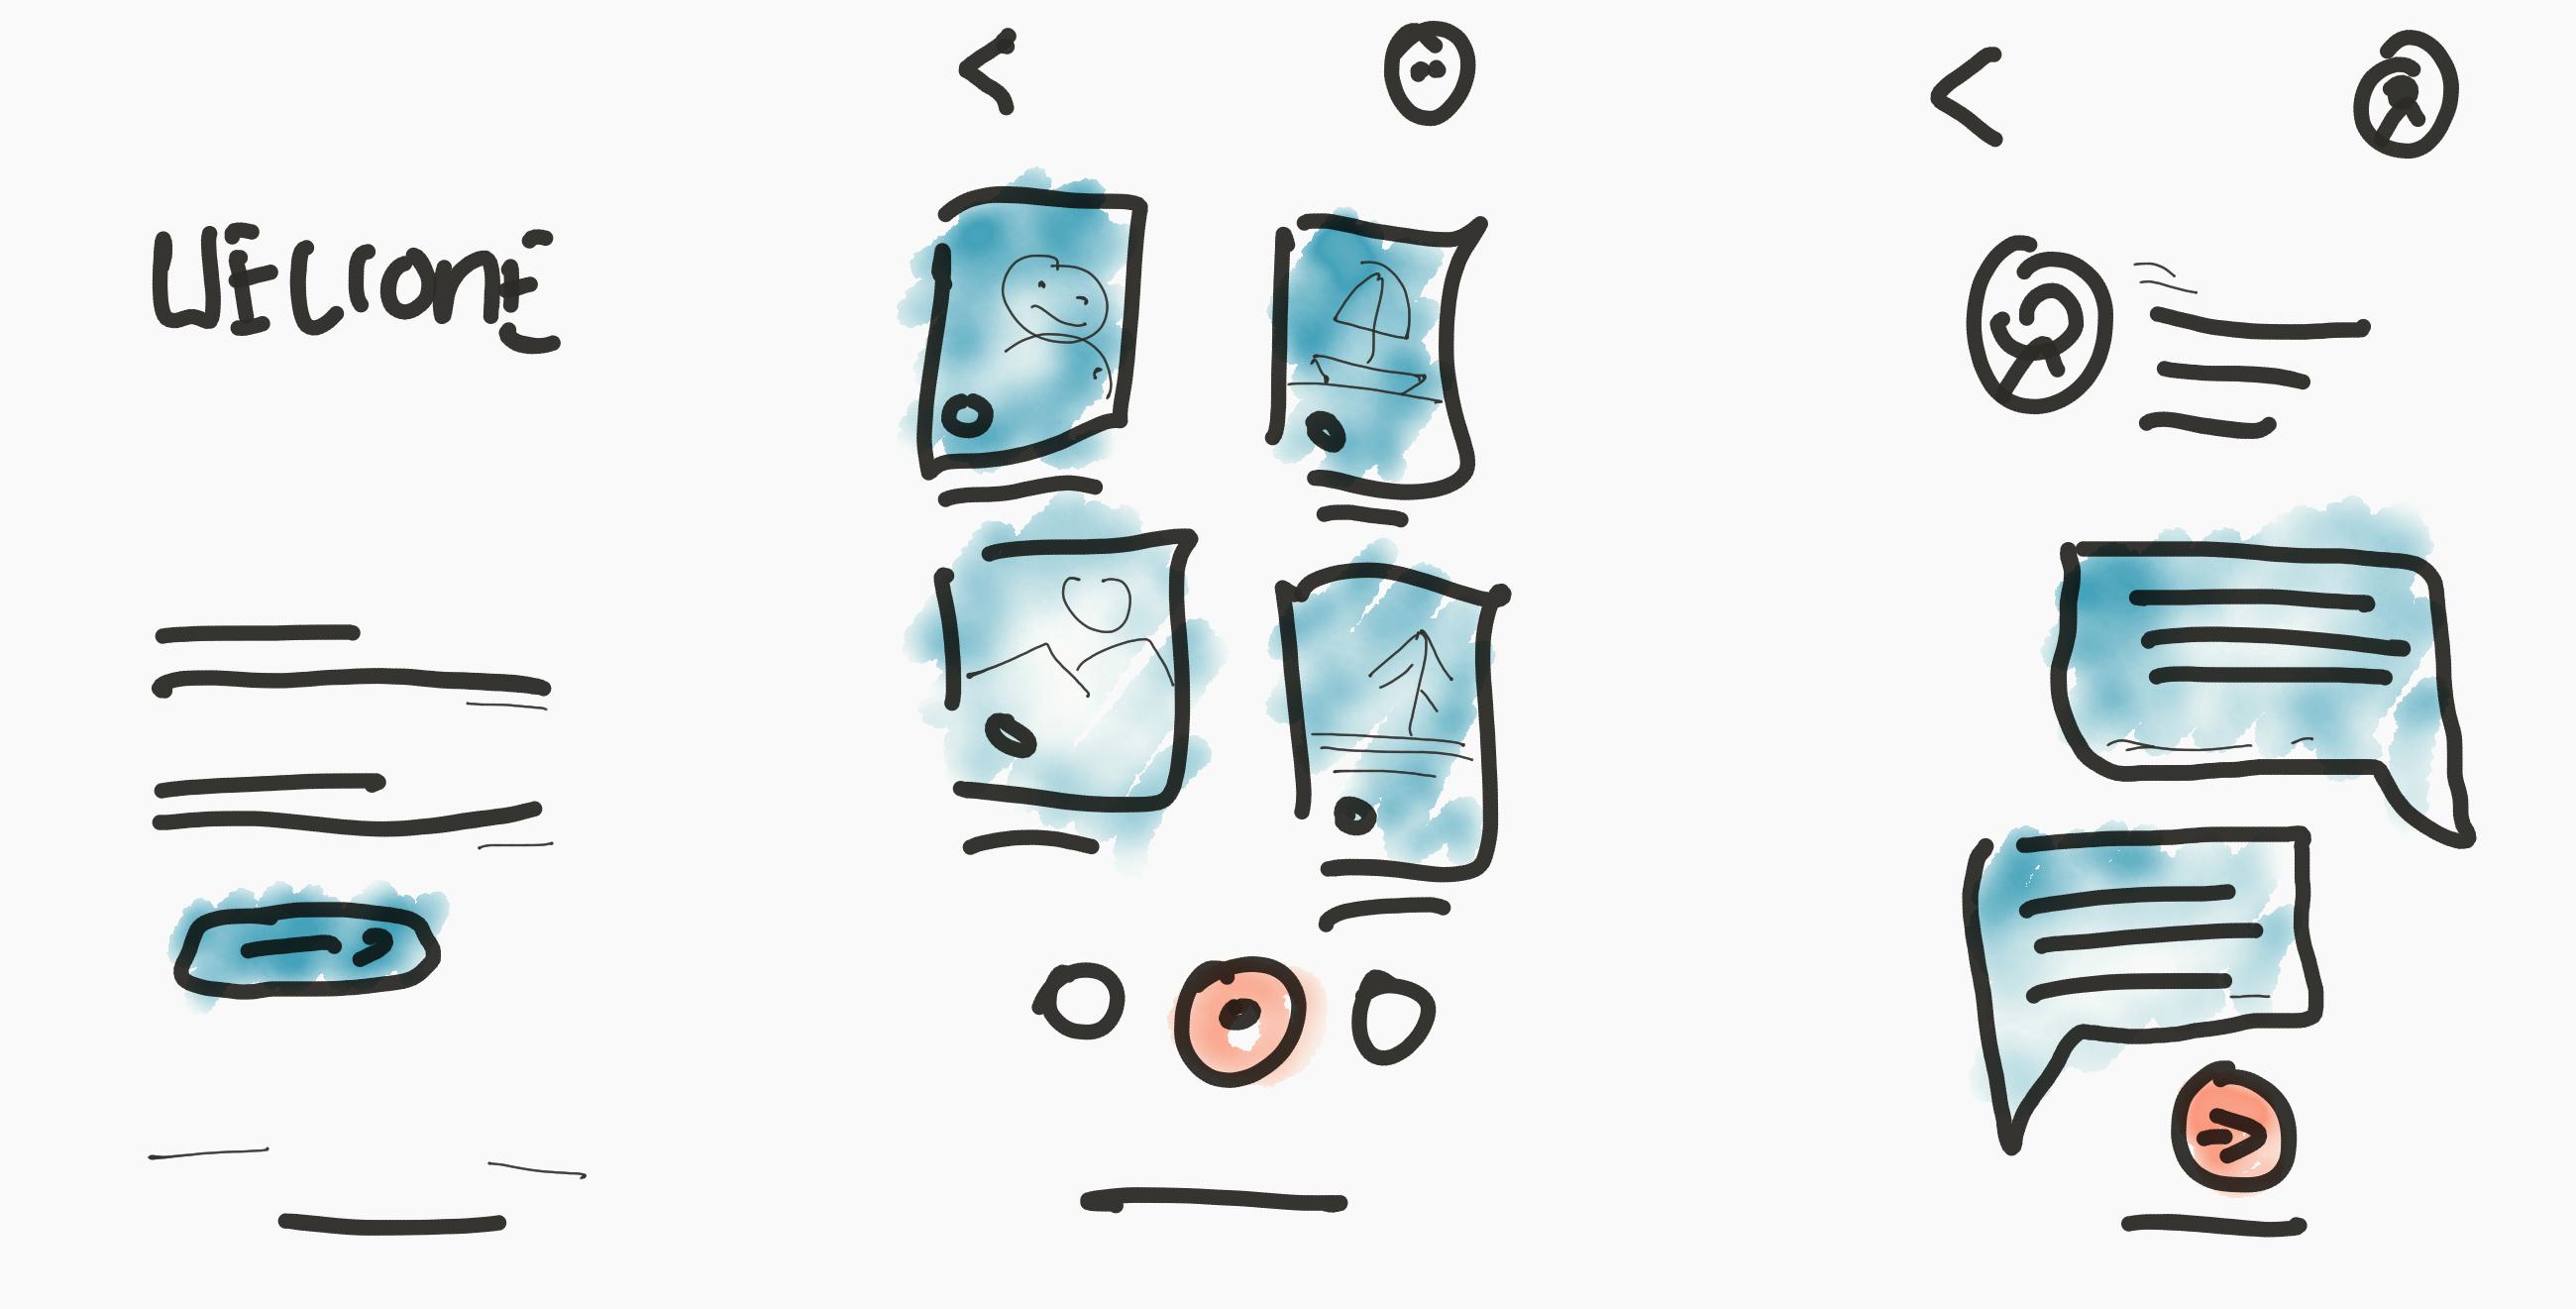 UX aplikacji, szkice koncepcji